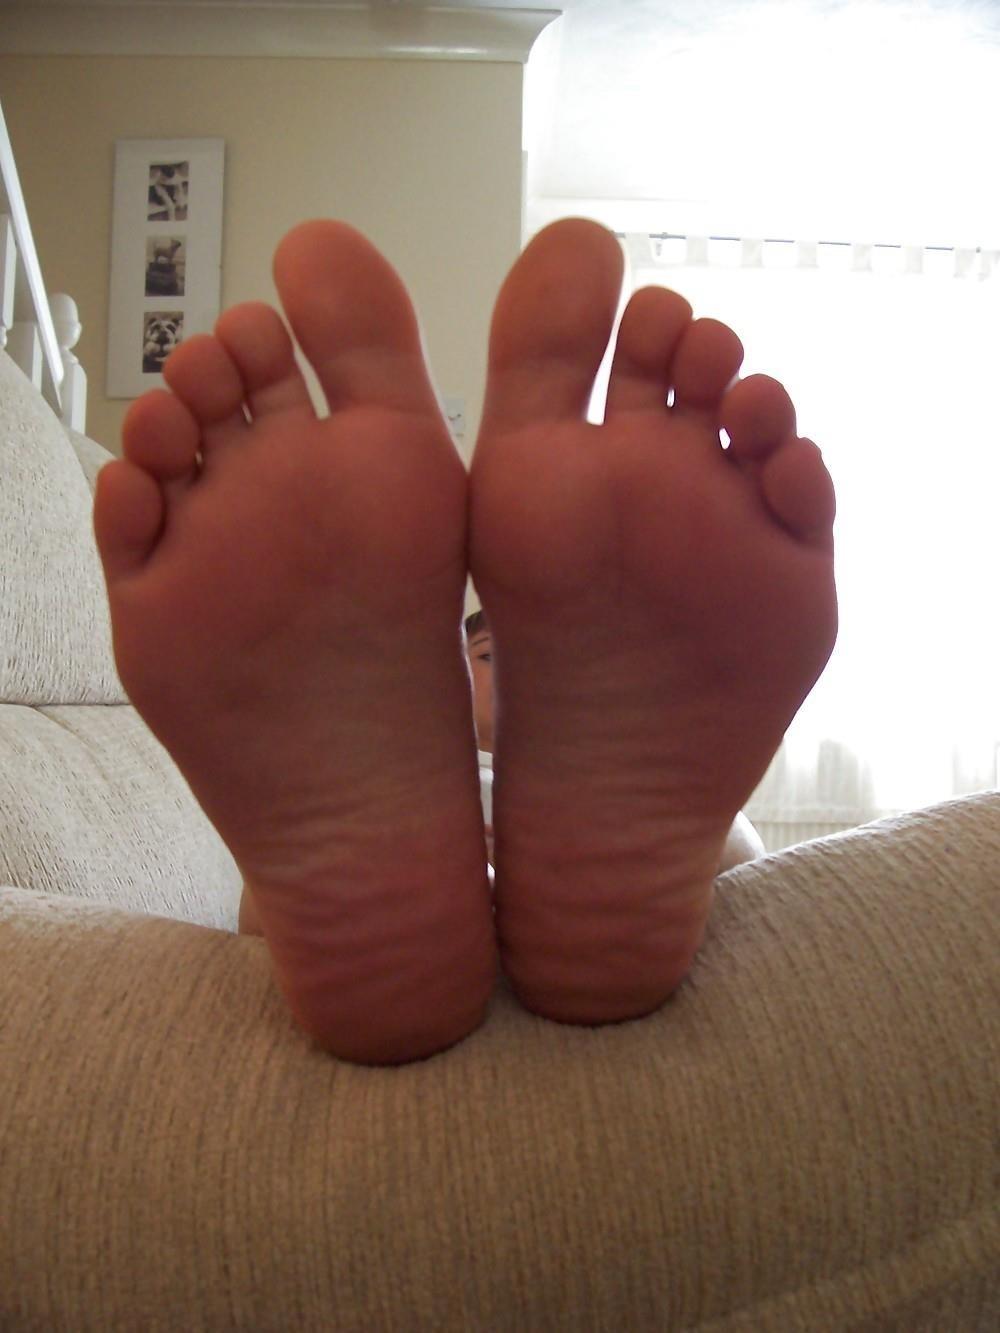 Schoolgirl feet porn-7582